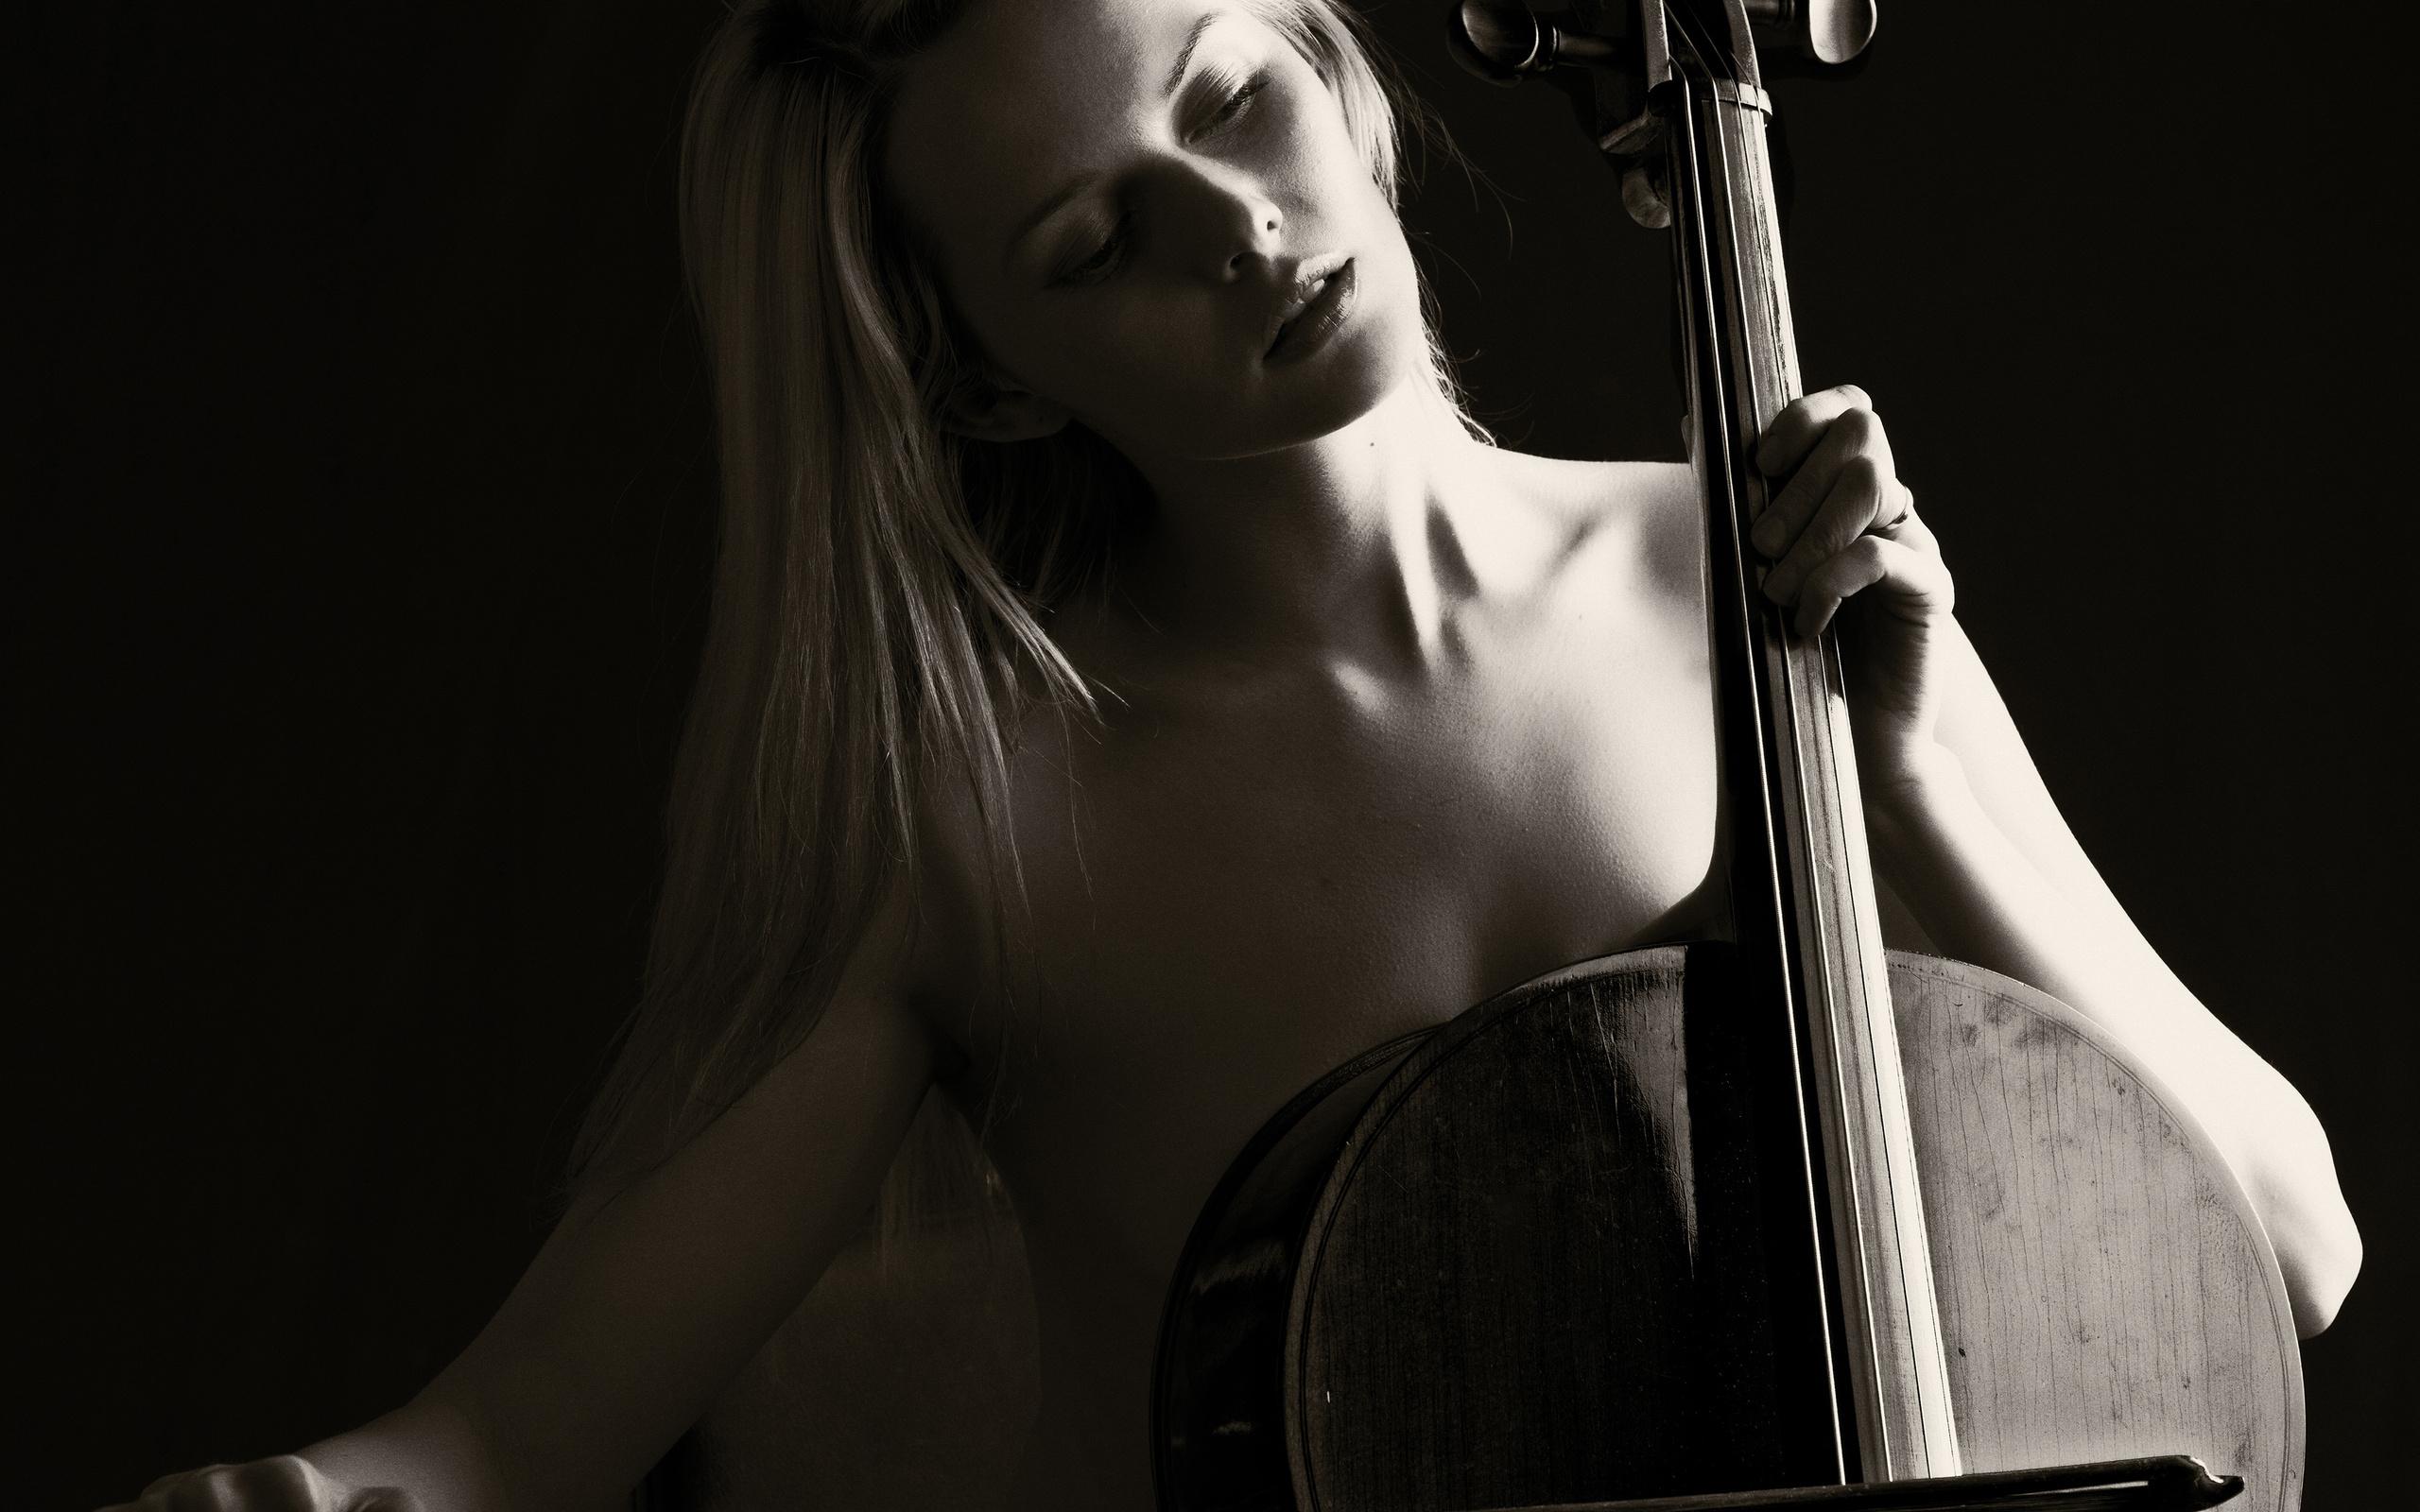 природные красивая фотосессия с виолончелью известна дата